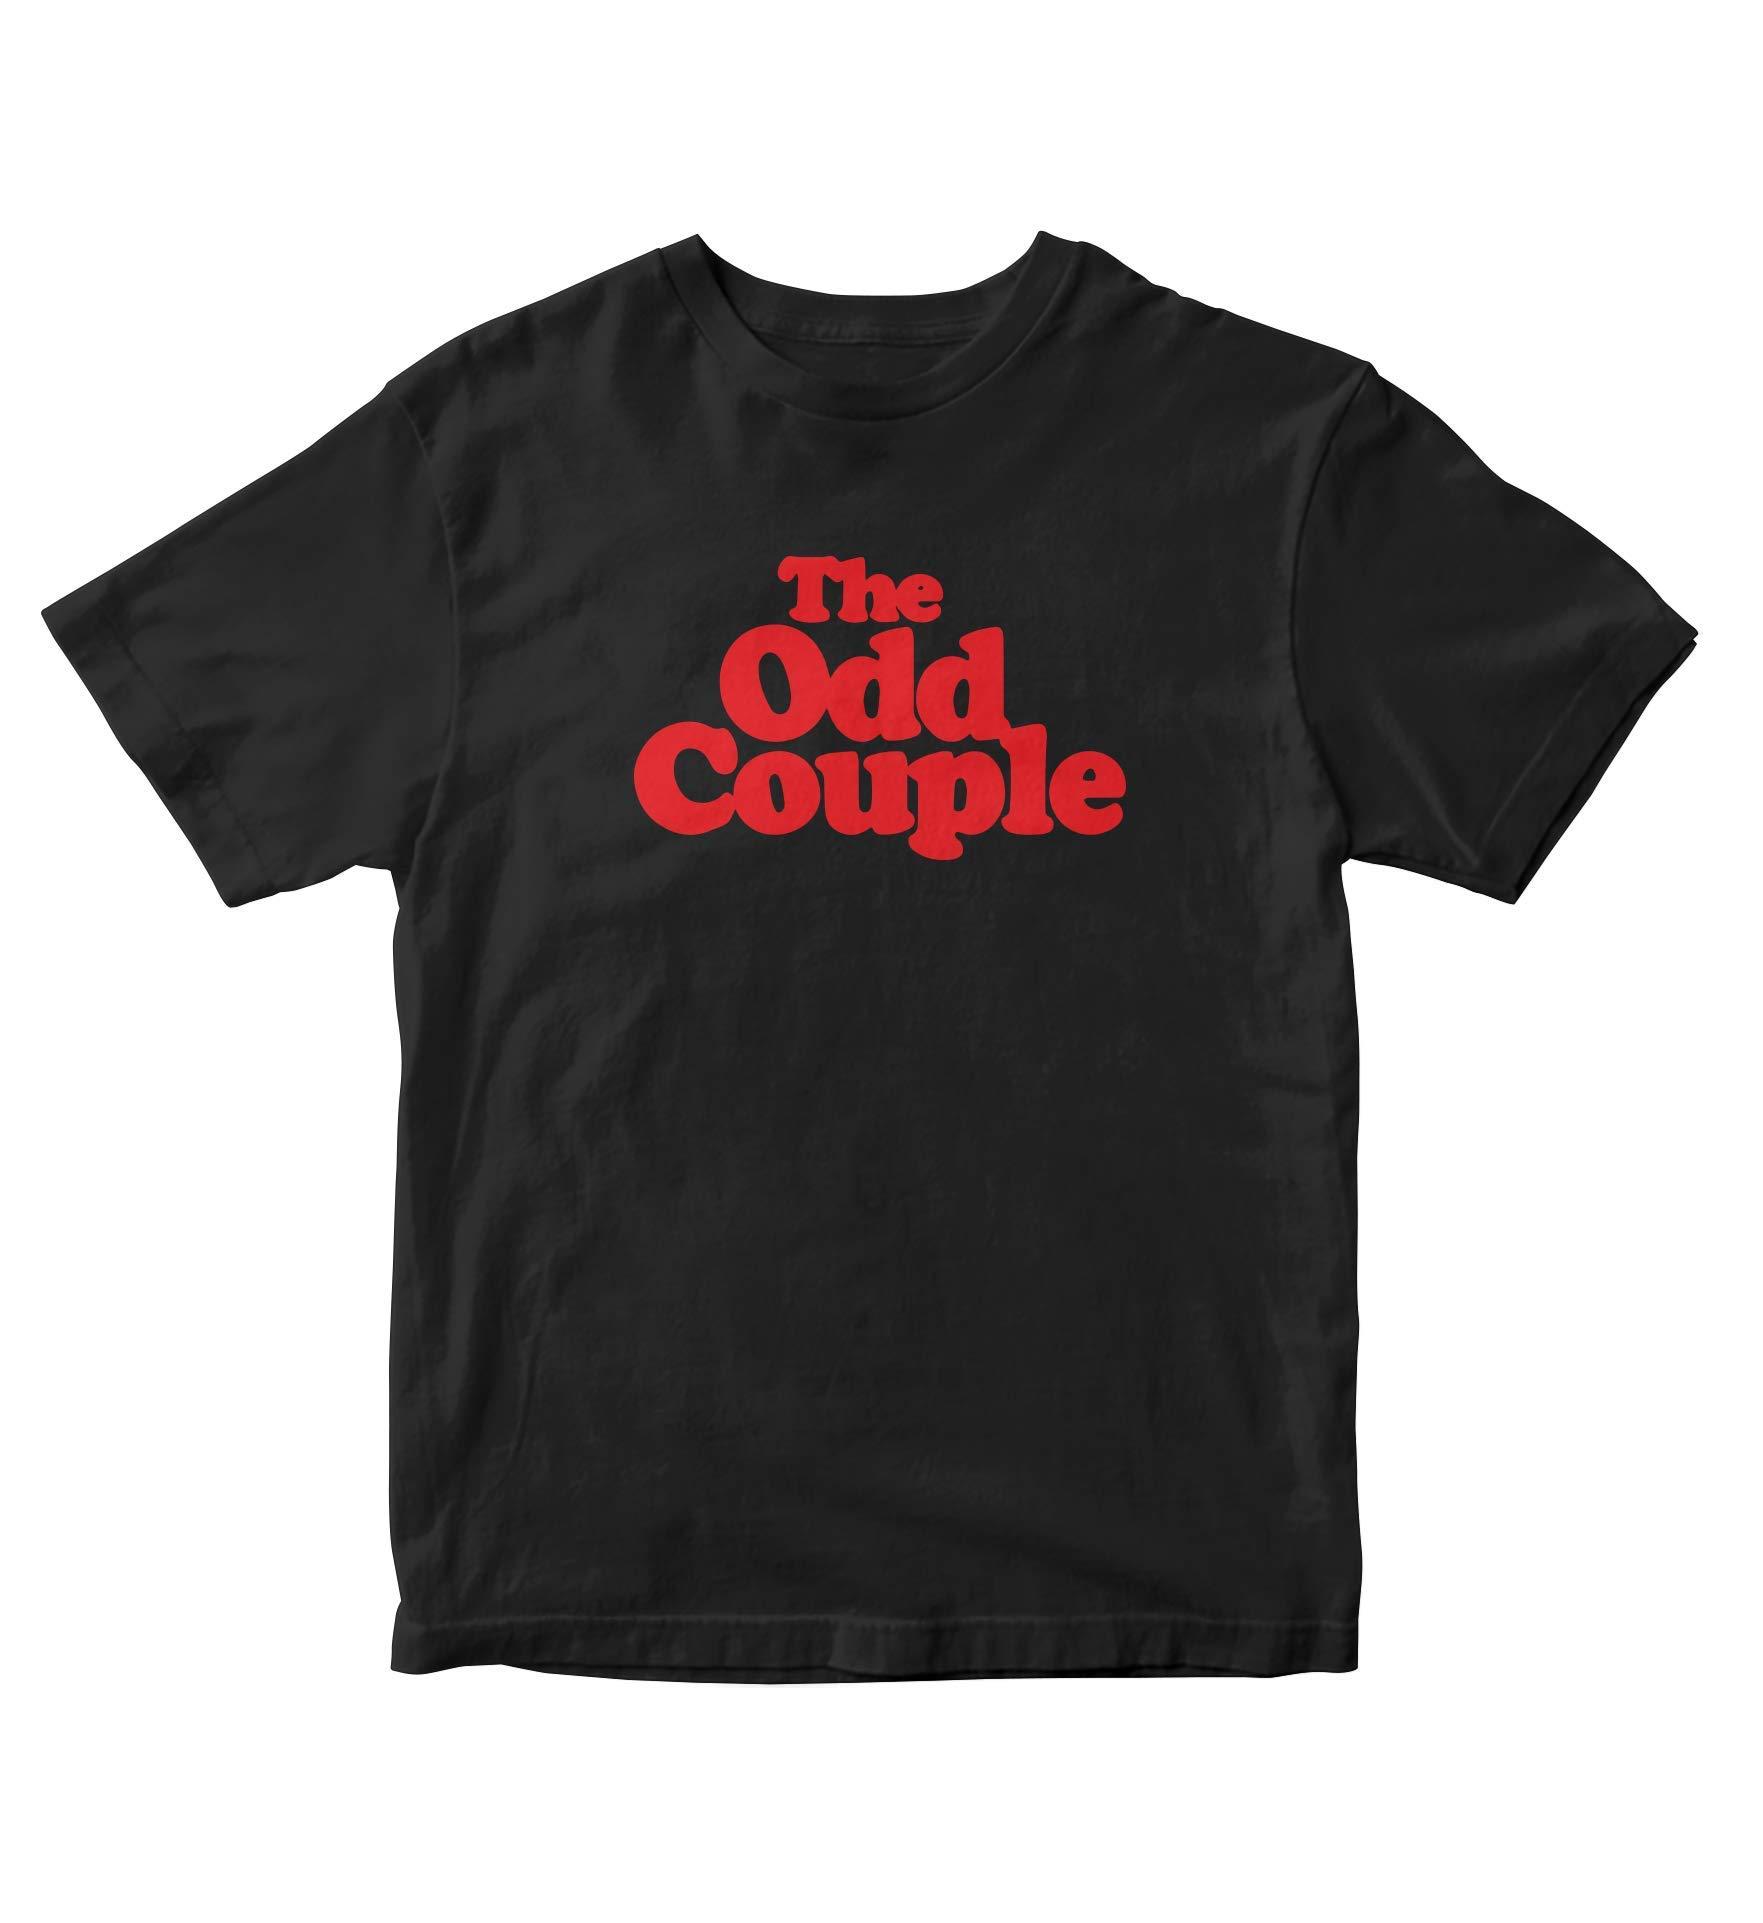 Tjsports The Odd Couple Black Shirt S 1970 Tv Show M175